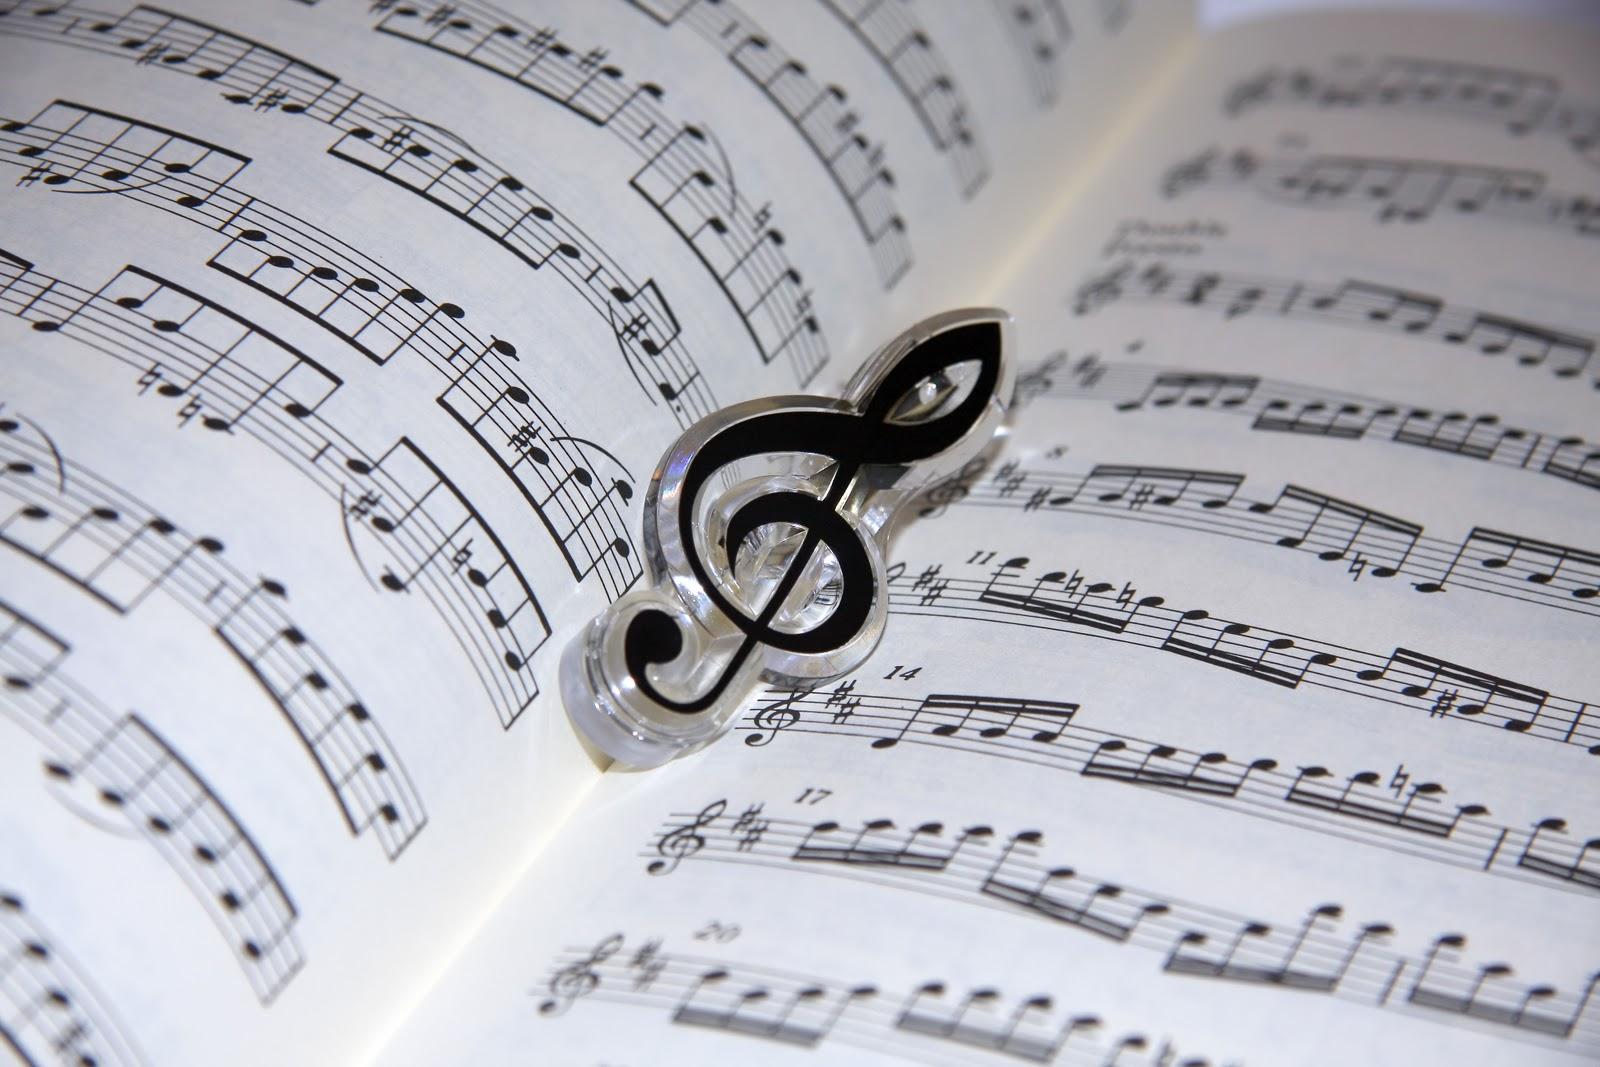 muzyka czaszki wektor - photo #33